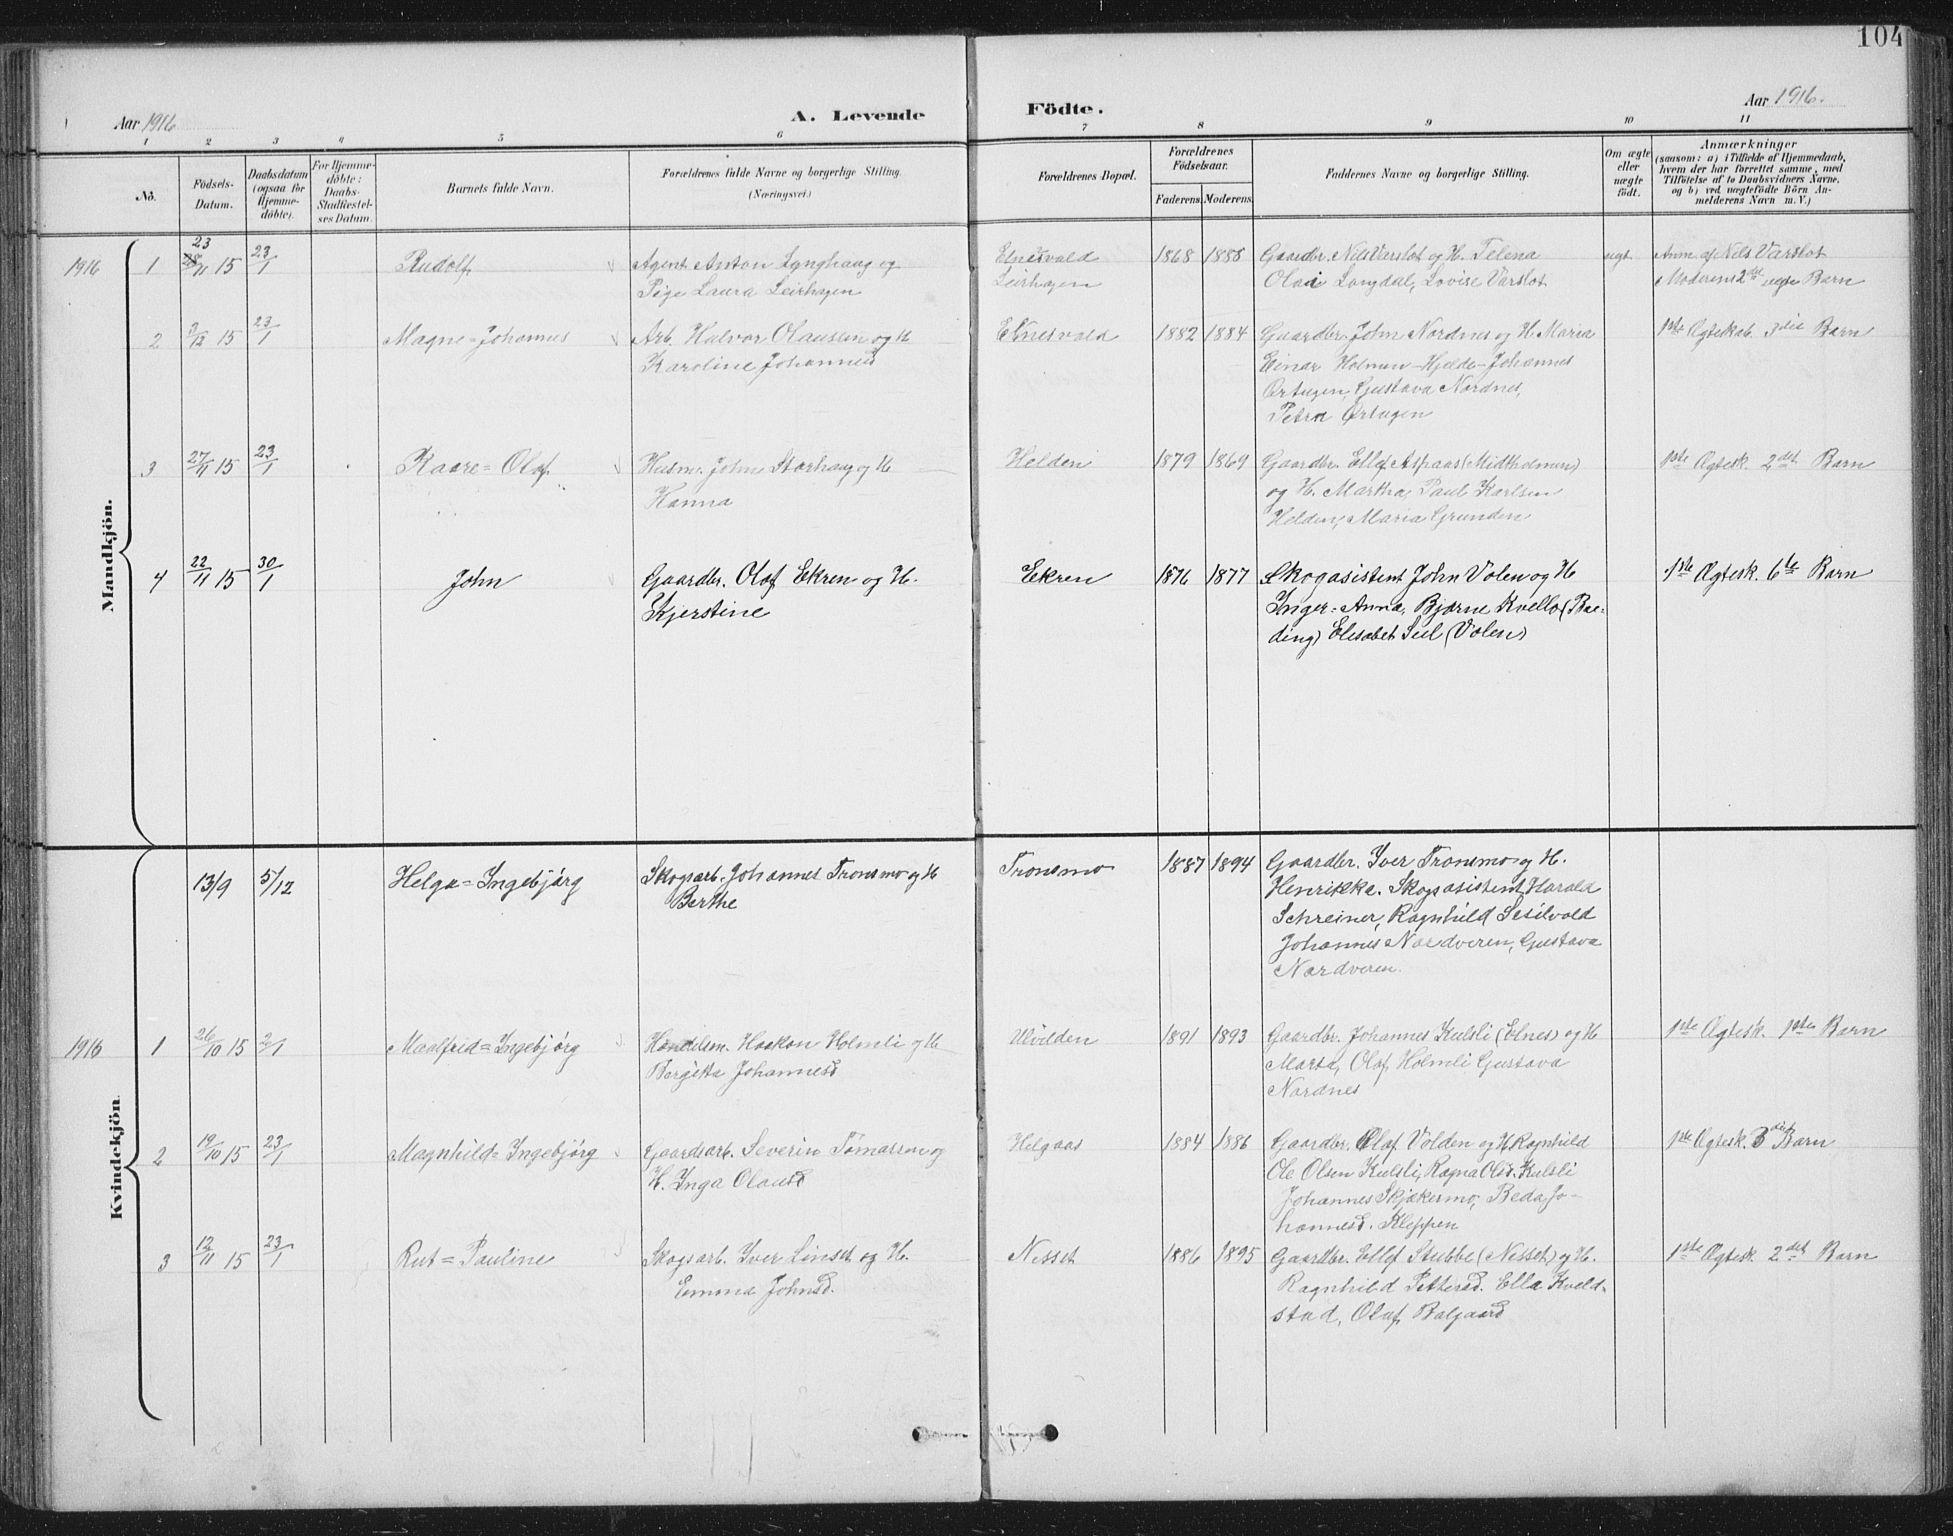 SAT, Ministerialprotokoller, klokkerbøker og fødselsregistre - Nord-Trøndelag, 724/L0269: Klokkerbok nr. 724C05, 1899-1920, s. 104